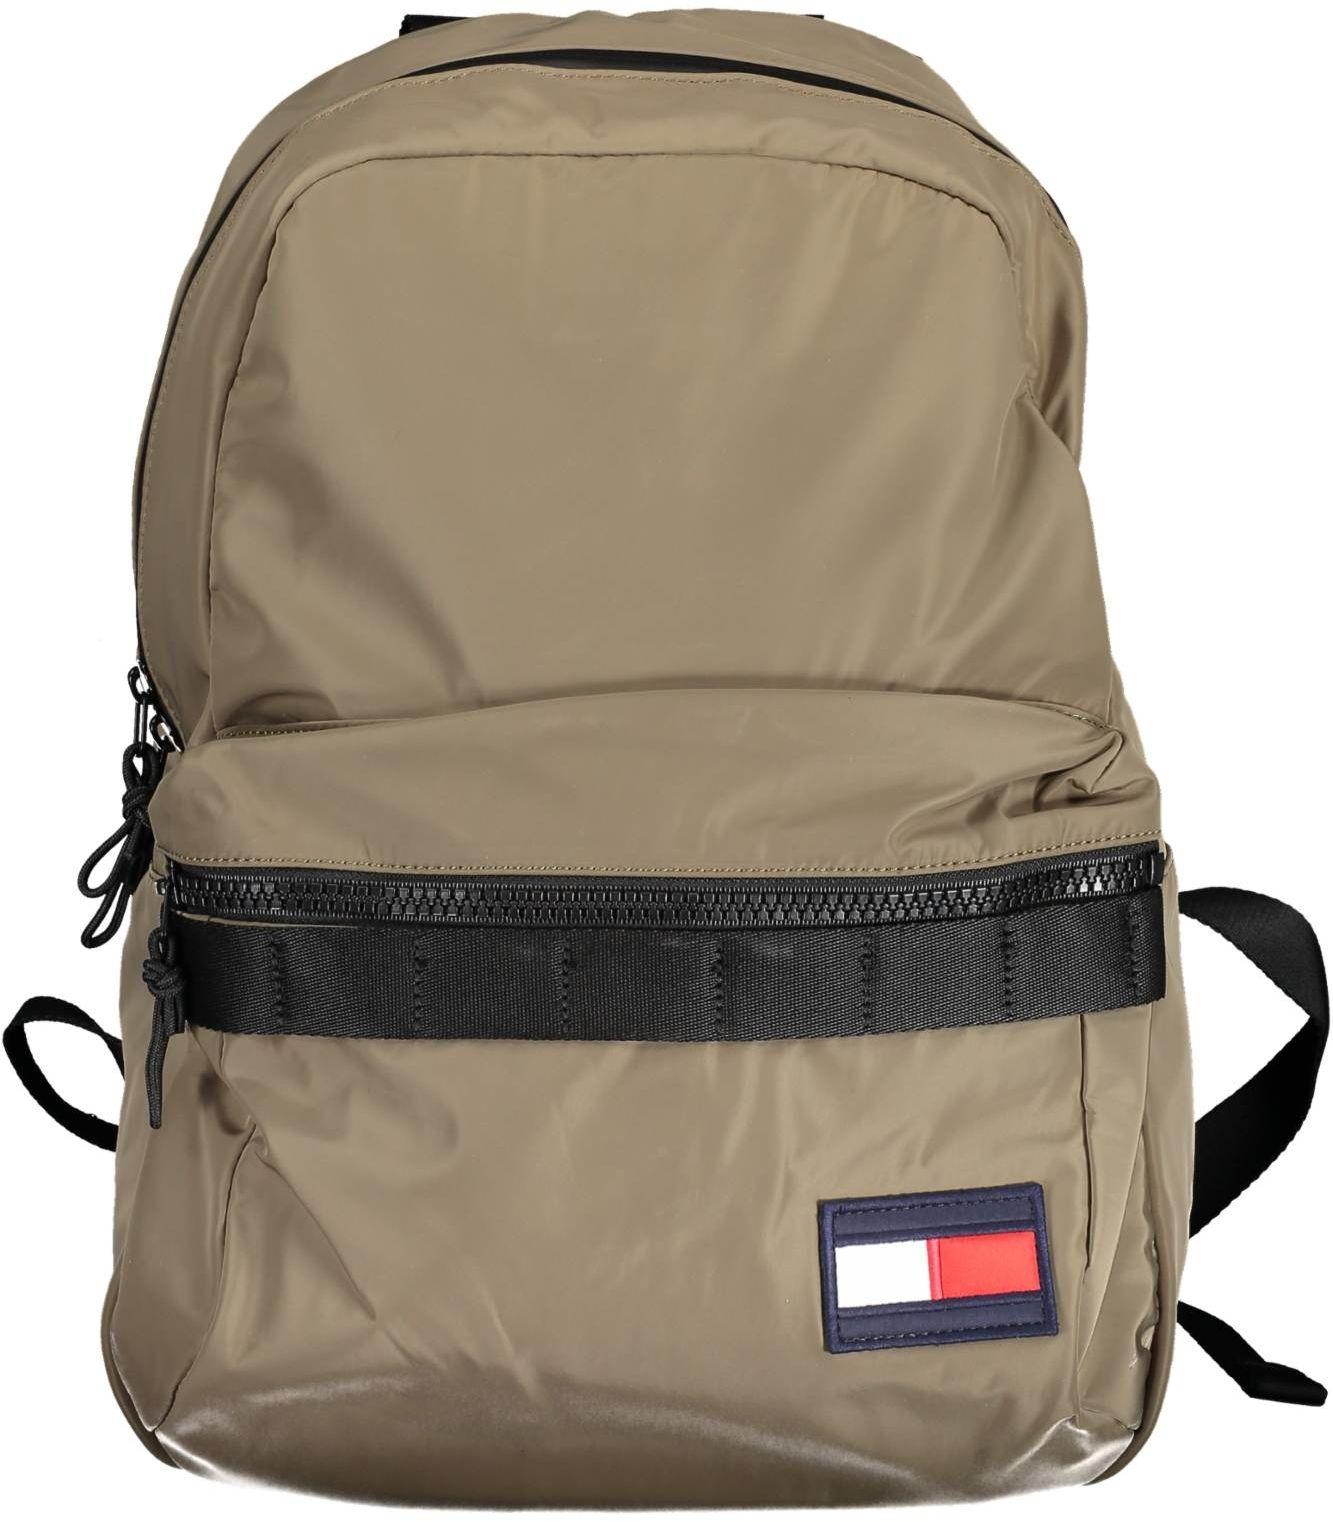 Plecak TOMMY HILFIGER dla mężczyzn